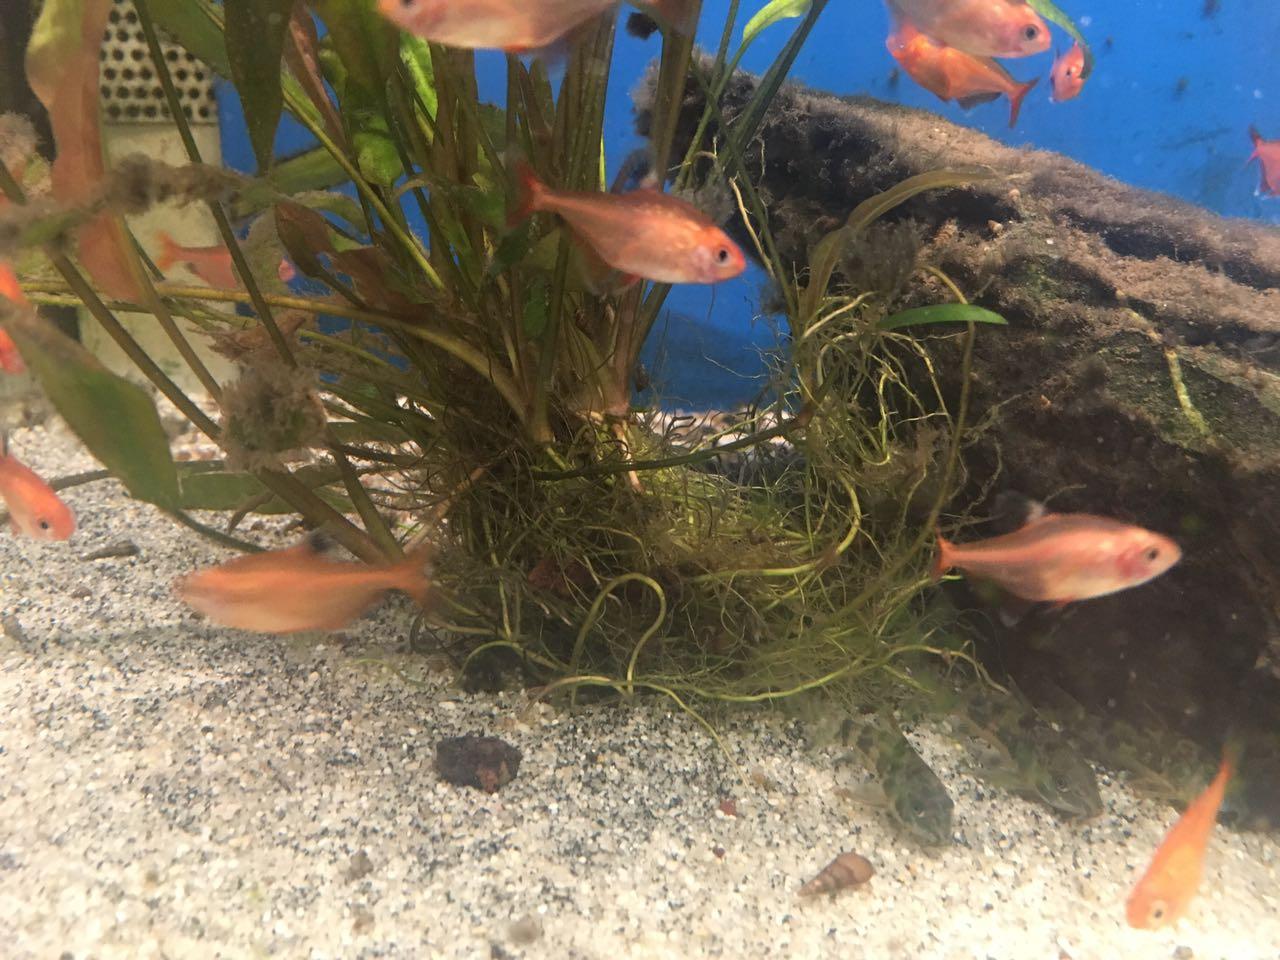 Blutsalmler im Aquarium